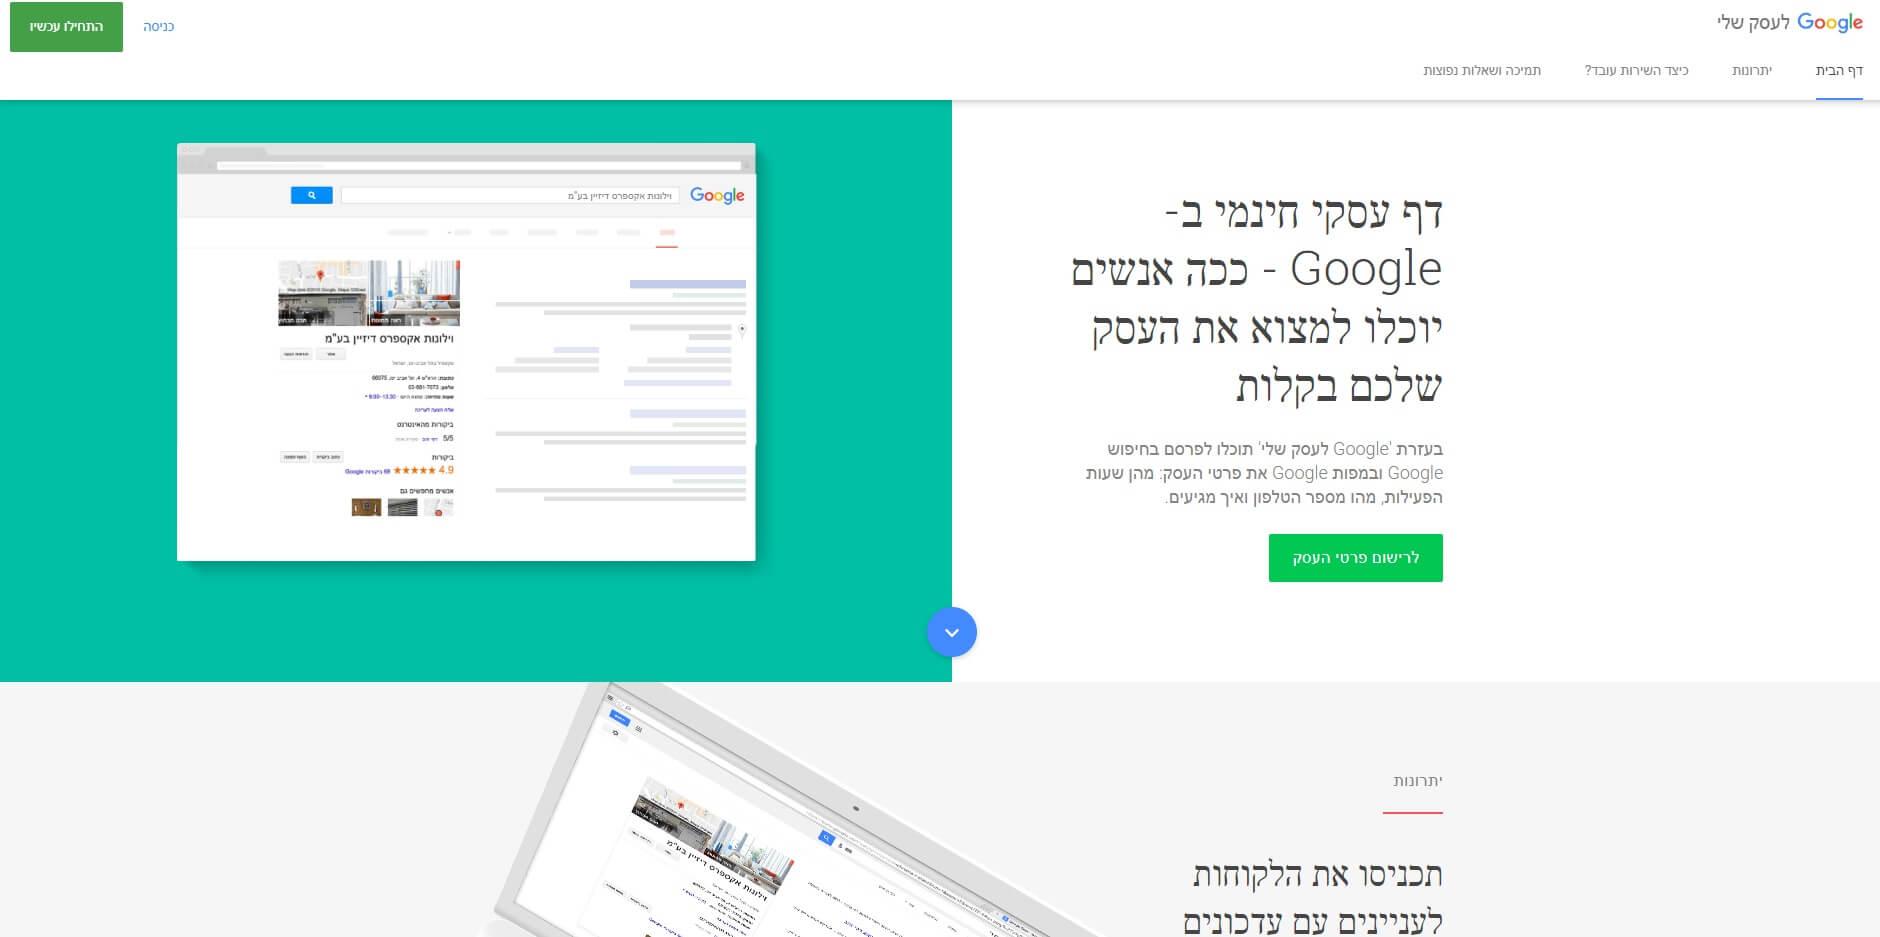 כפתורים לפתיחת כרטיס עסק חדש של גוגל